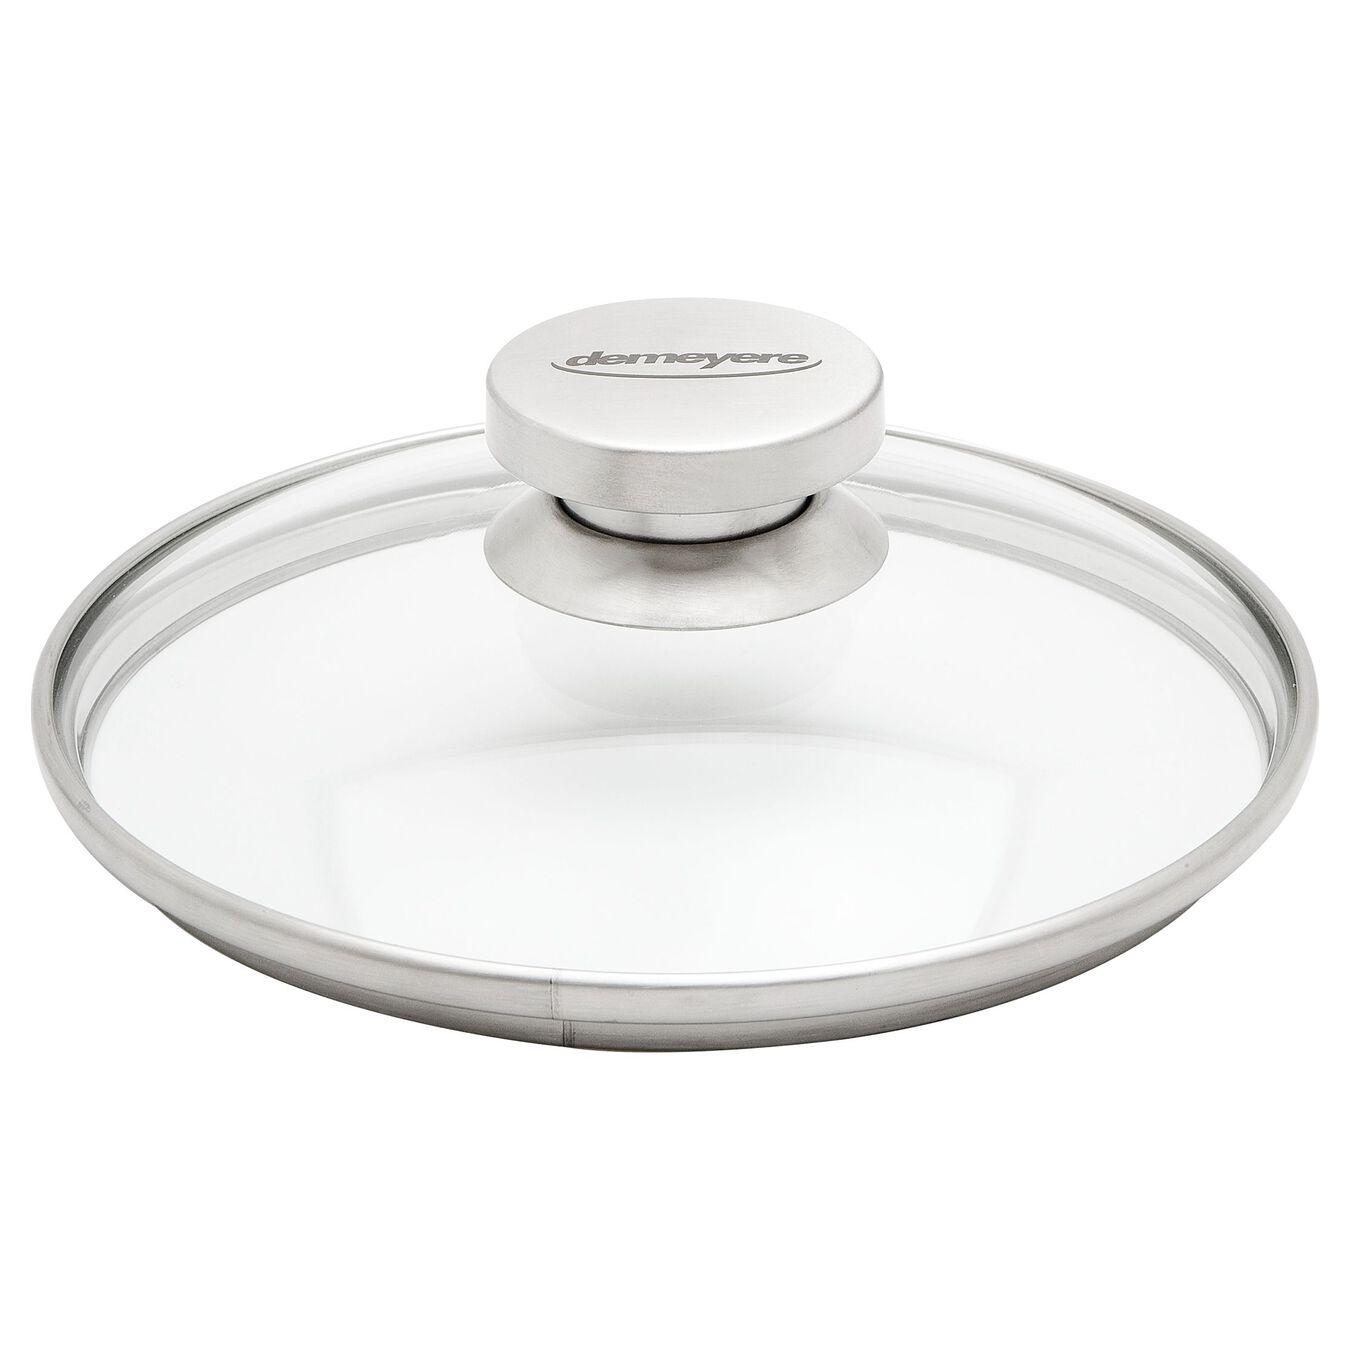 Deckel, 18 cm | rund | Glas,,large 1